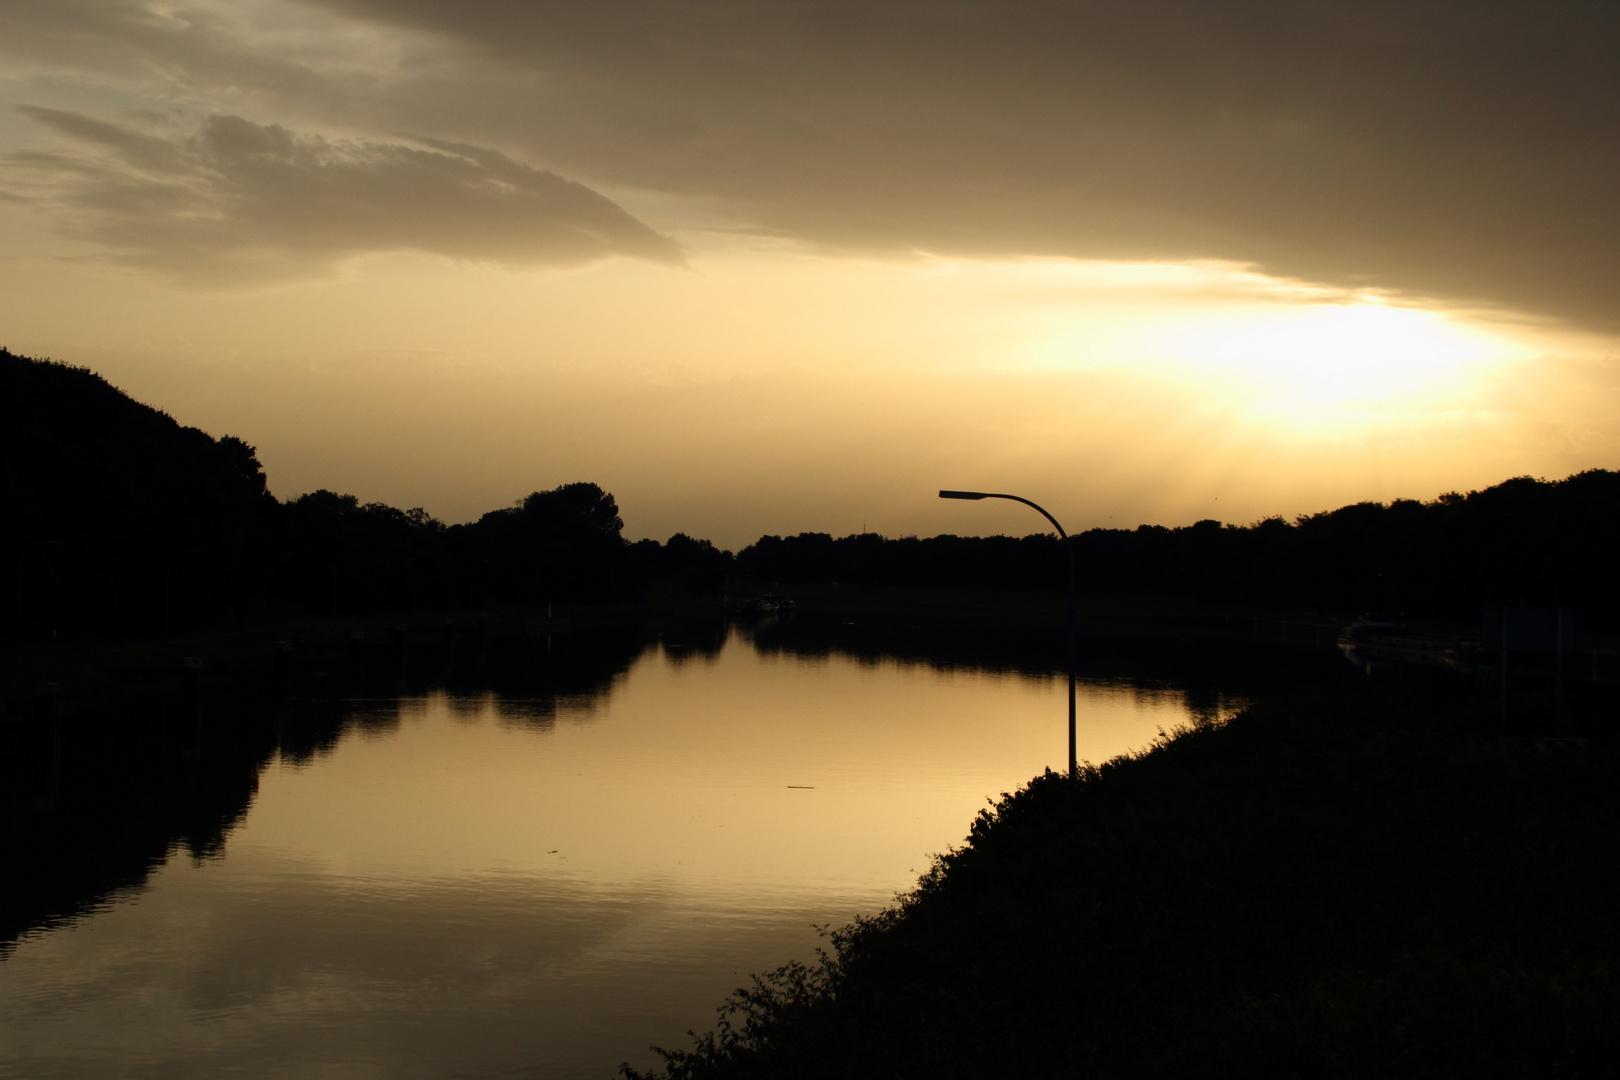 Abendstimmung am Wesel-Datteln-Kanal